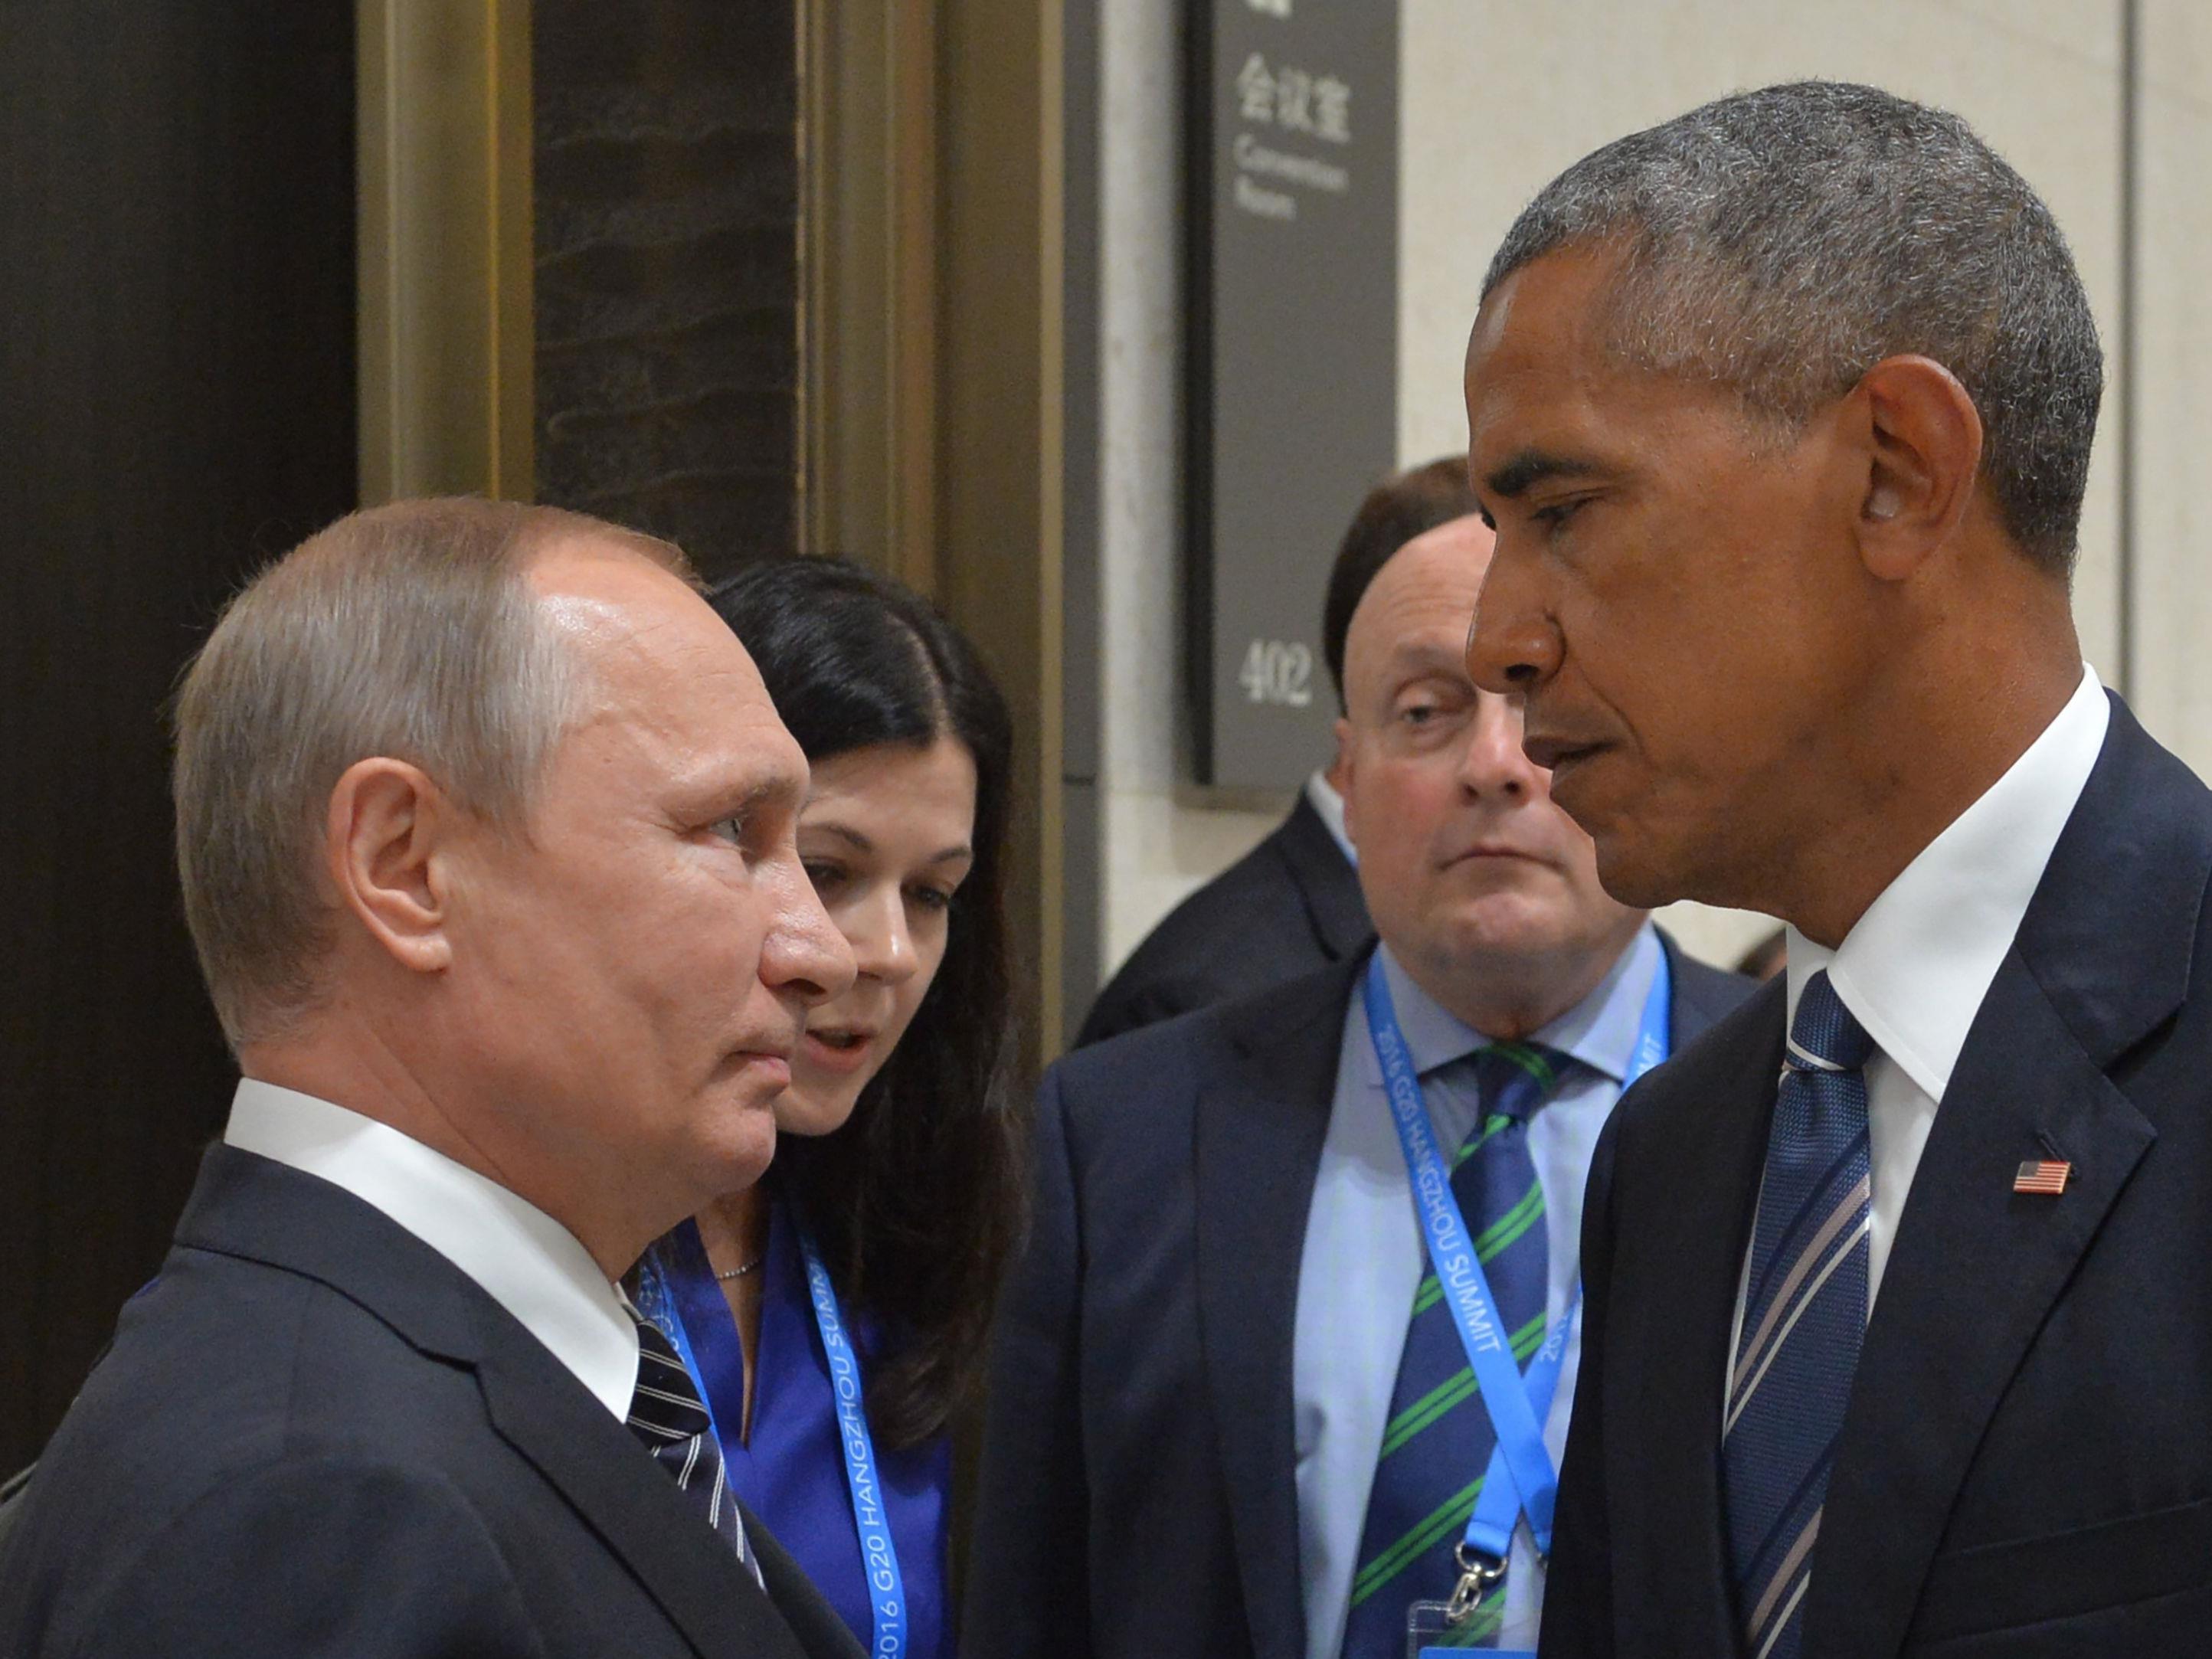 Erneut schwere diplomatische Krise zwischen Russland und den USA.